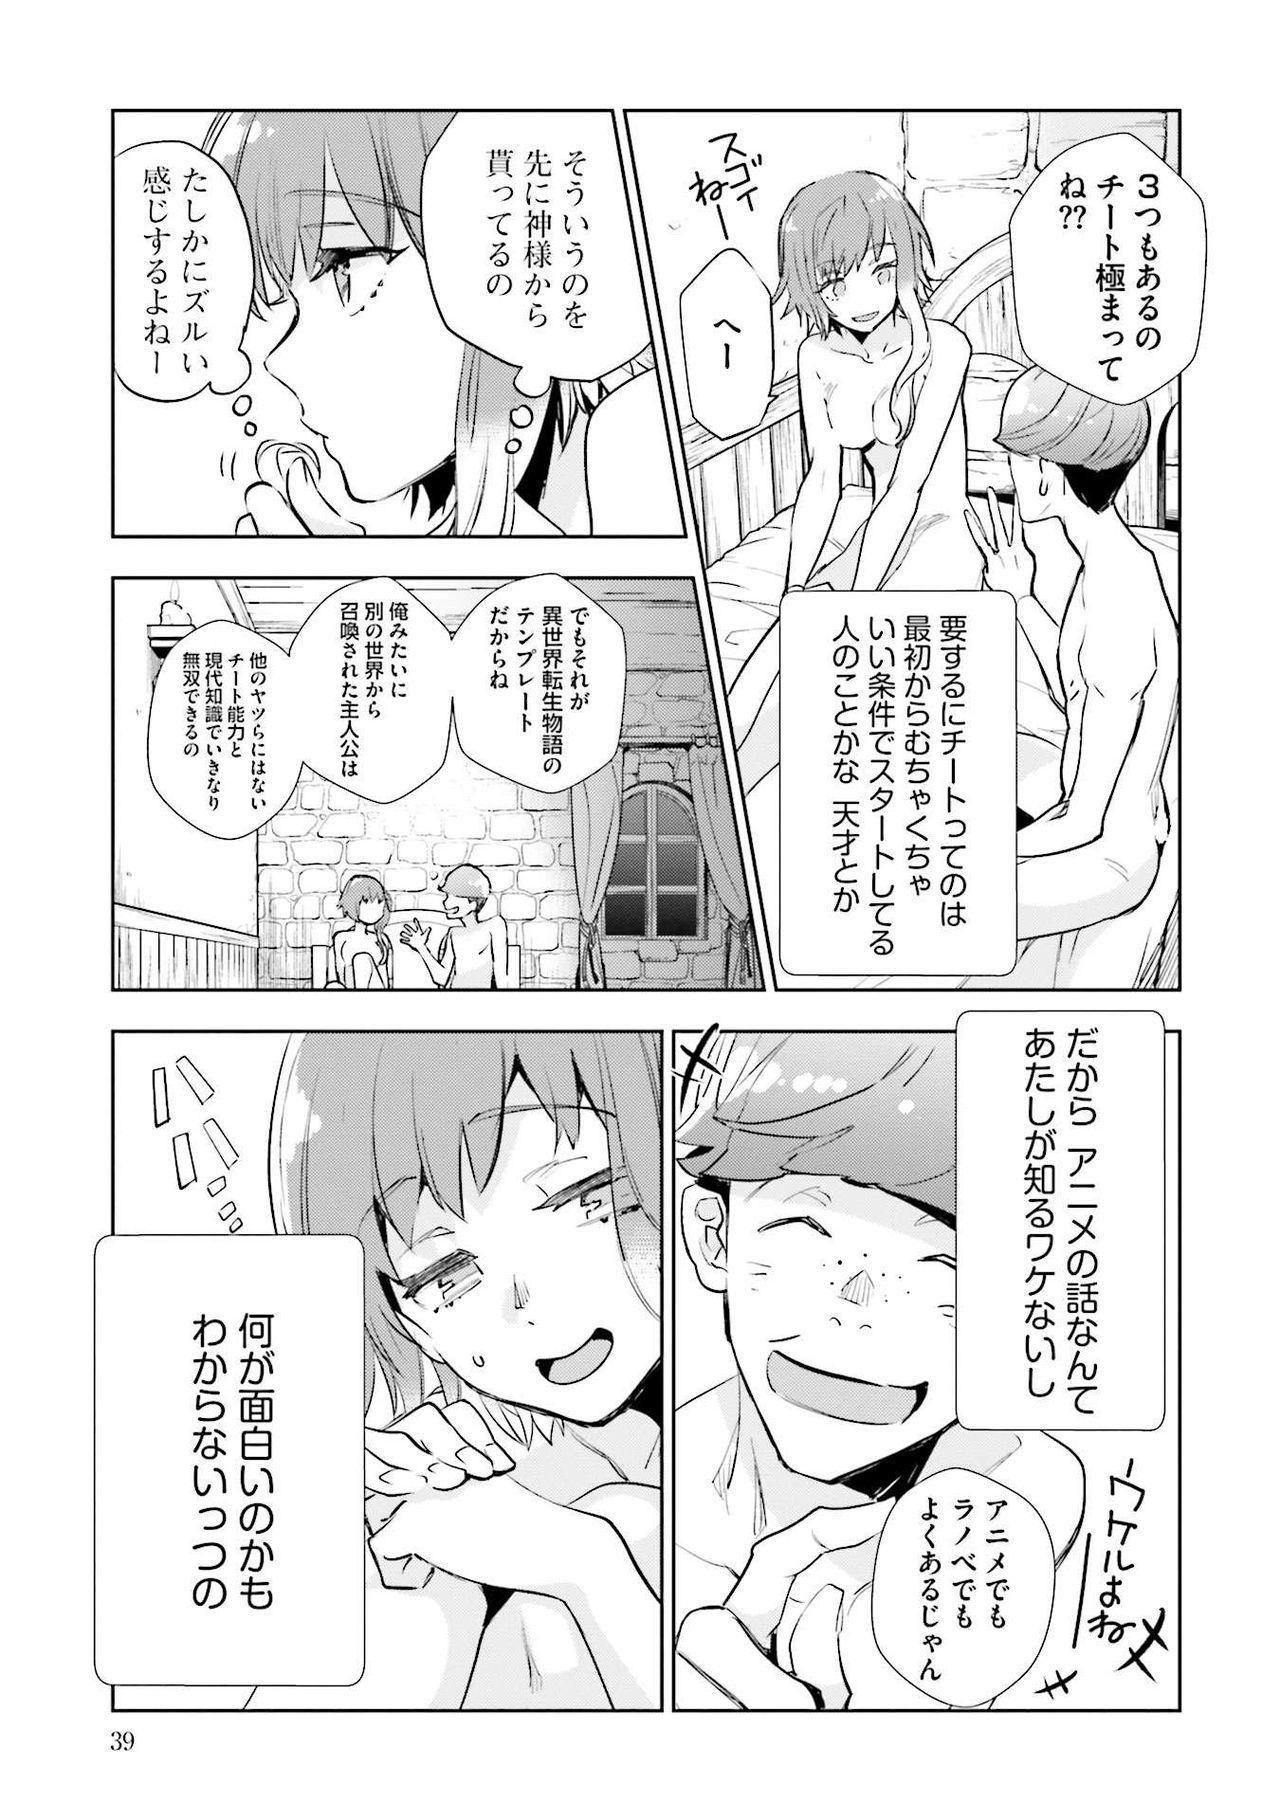 JK Haru wa Isekai de Shoufu ni Natta 1-14 40